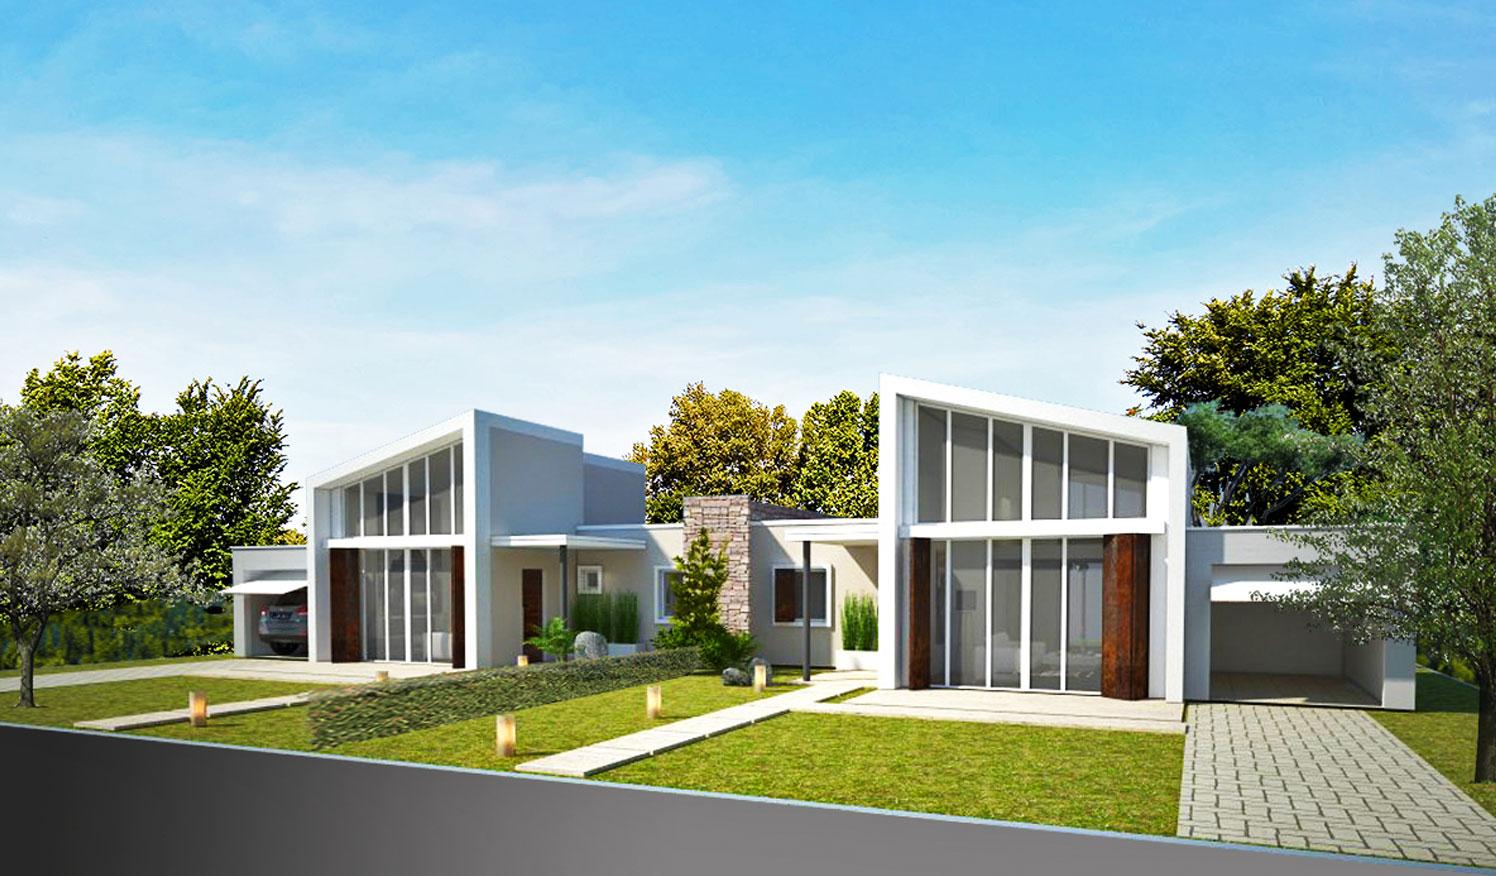 case in vendita a Grosseto bi familiari con giardino